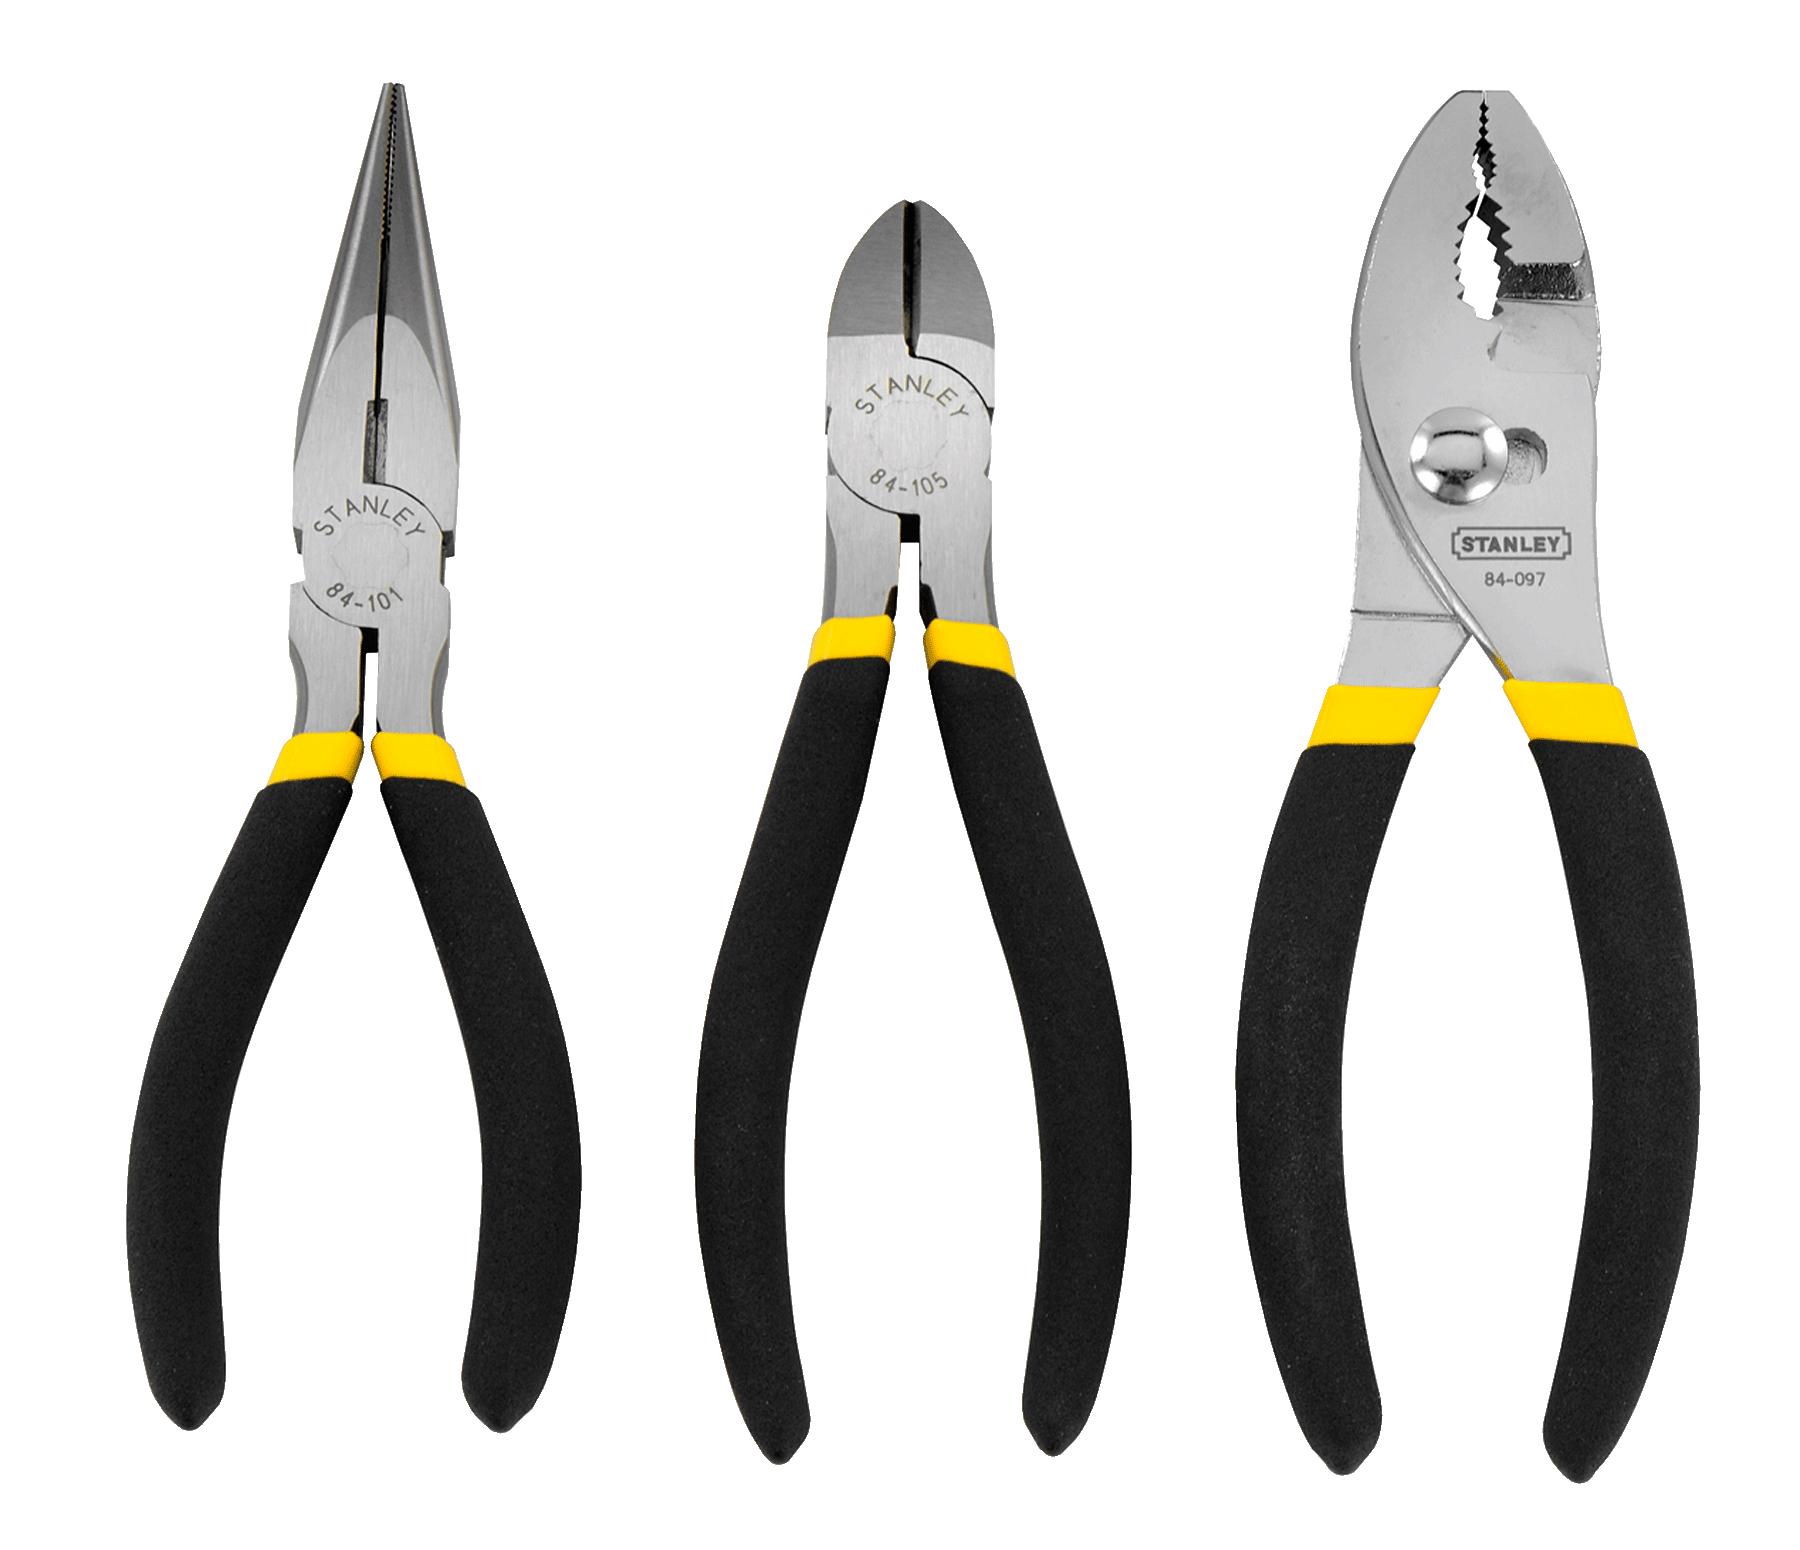 Diy Tools PNG - 156706